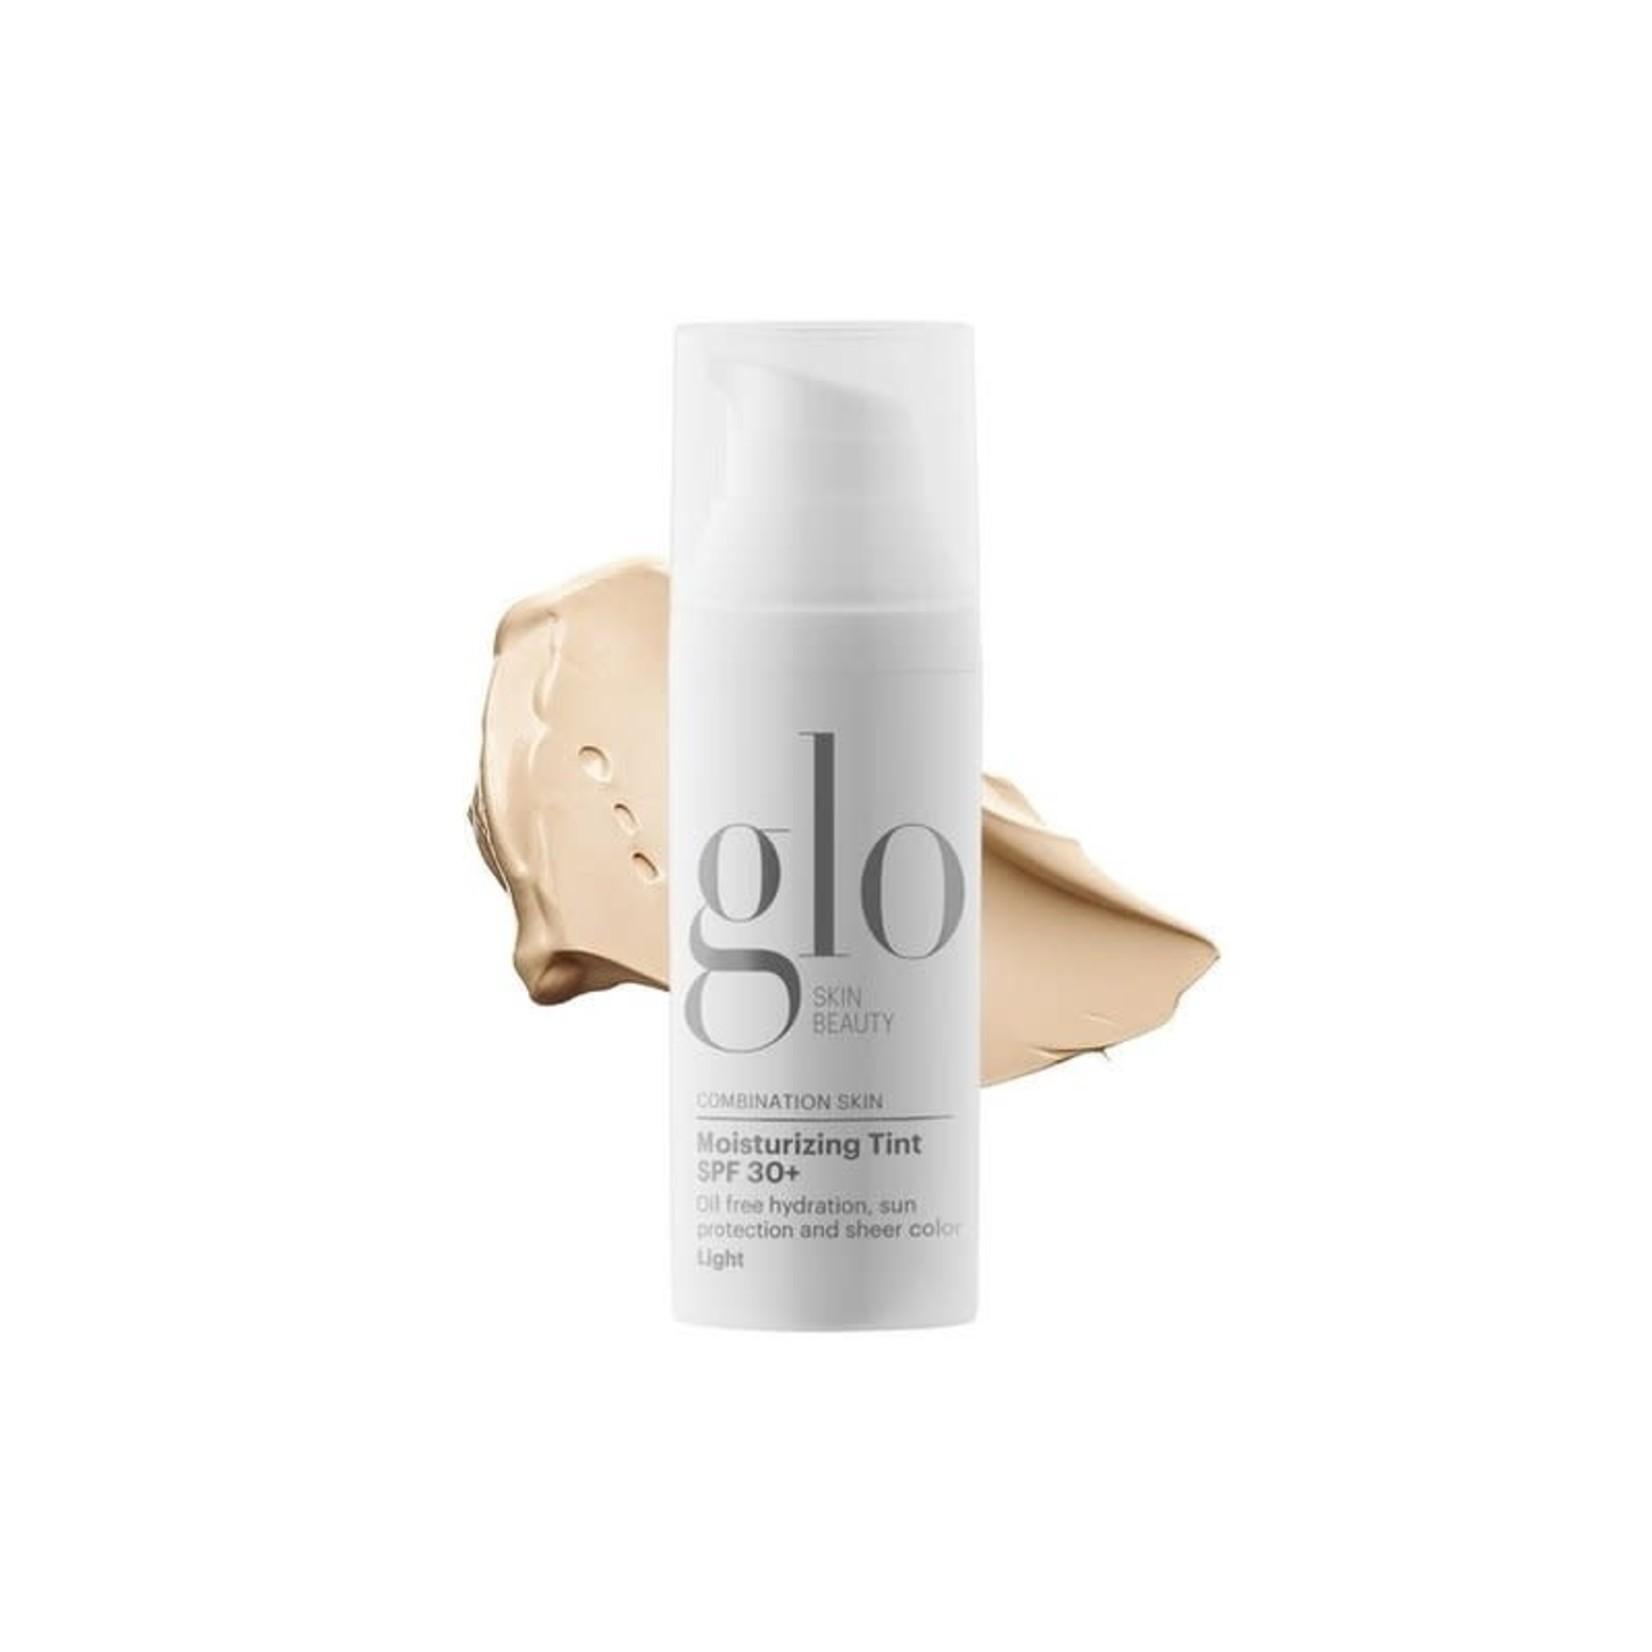 Glo Skin Beauty Moisturizing Tint SPF 30+